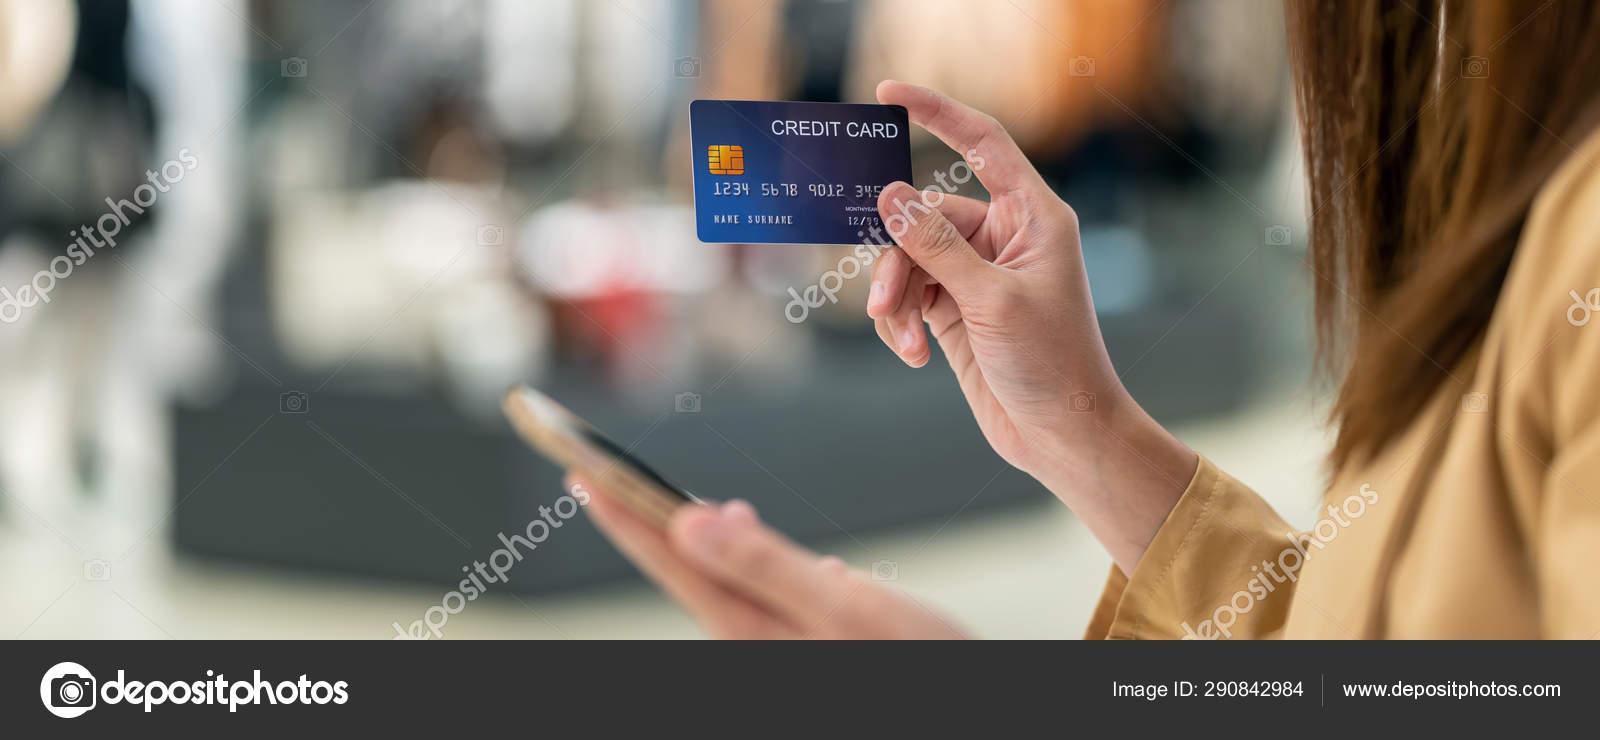 магазины одежды в кредит ооо хоум кредит энд финанс банк почтовый адрес головного офиса